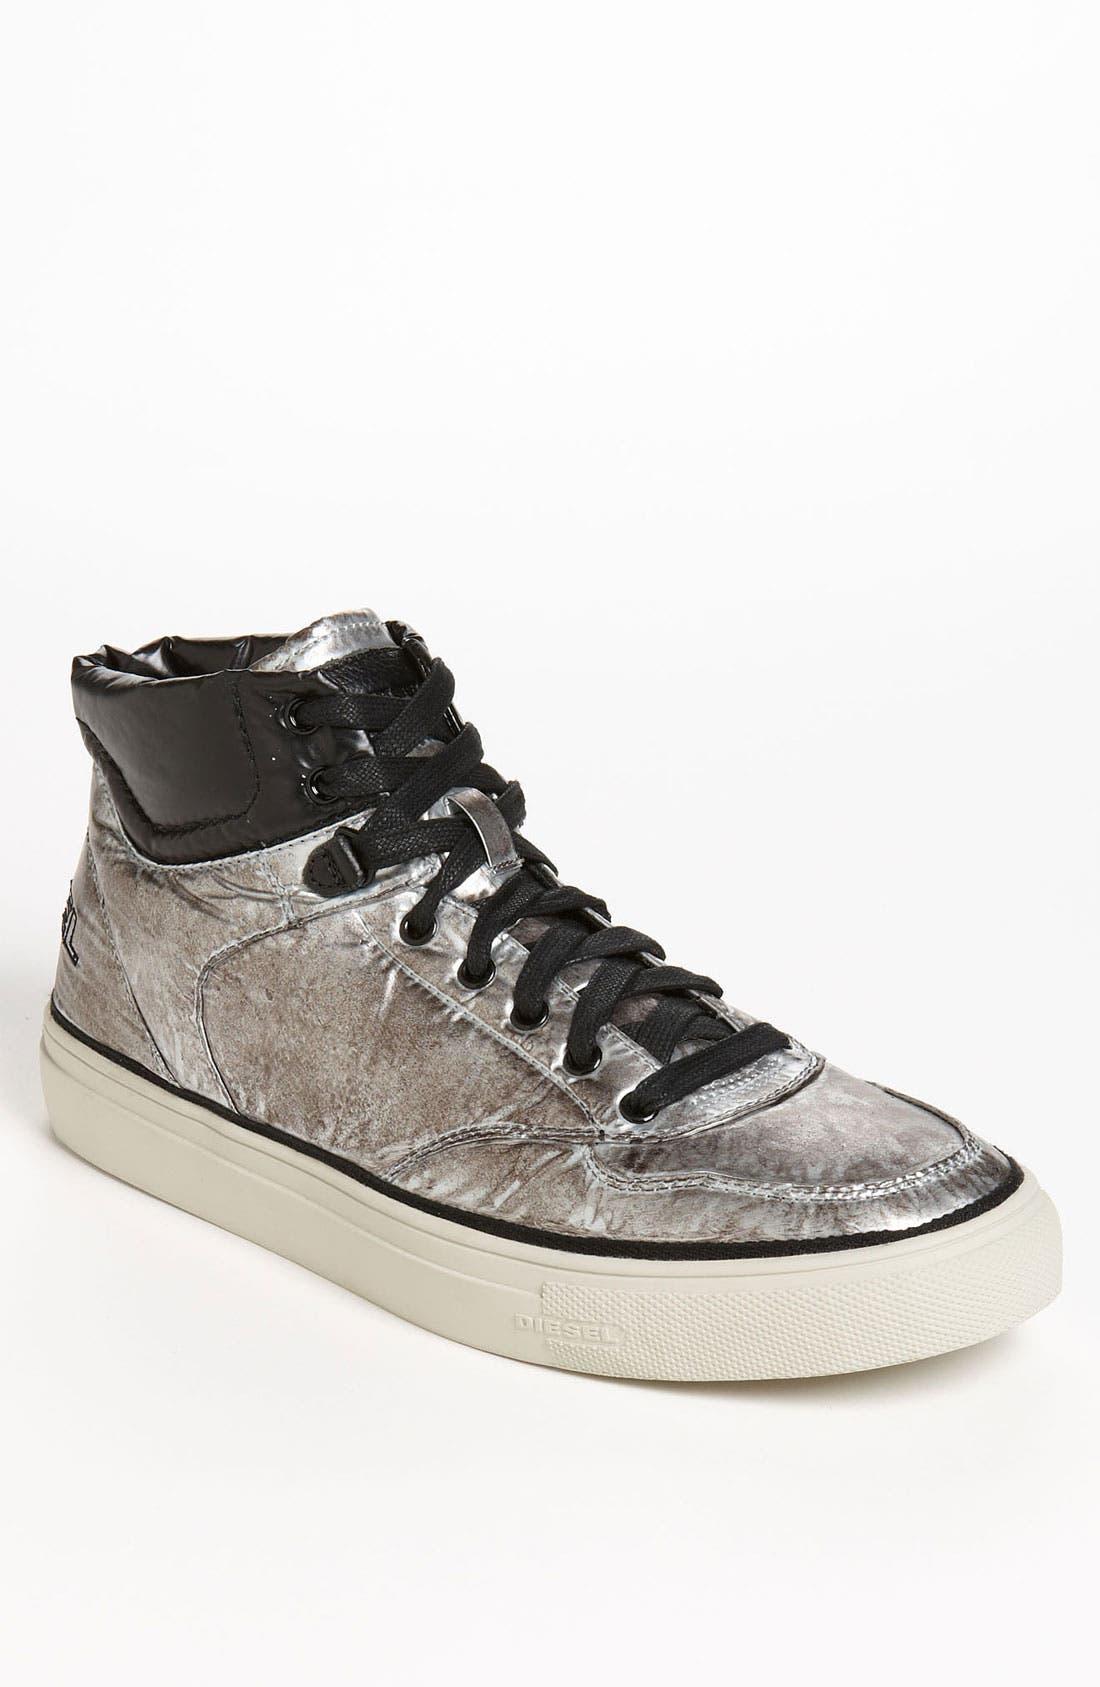 Alternate Image 1 Selected - DIESEL® 'Moonlight Invasion' Sneaker